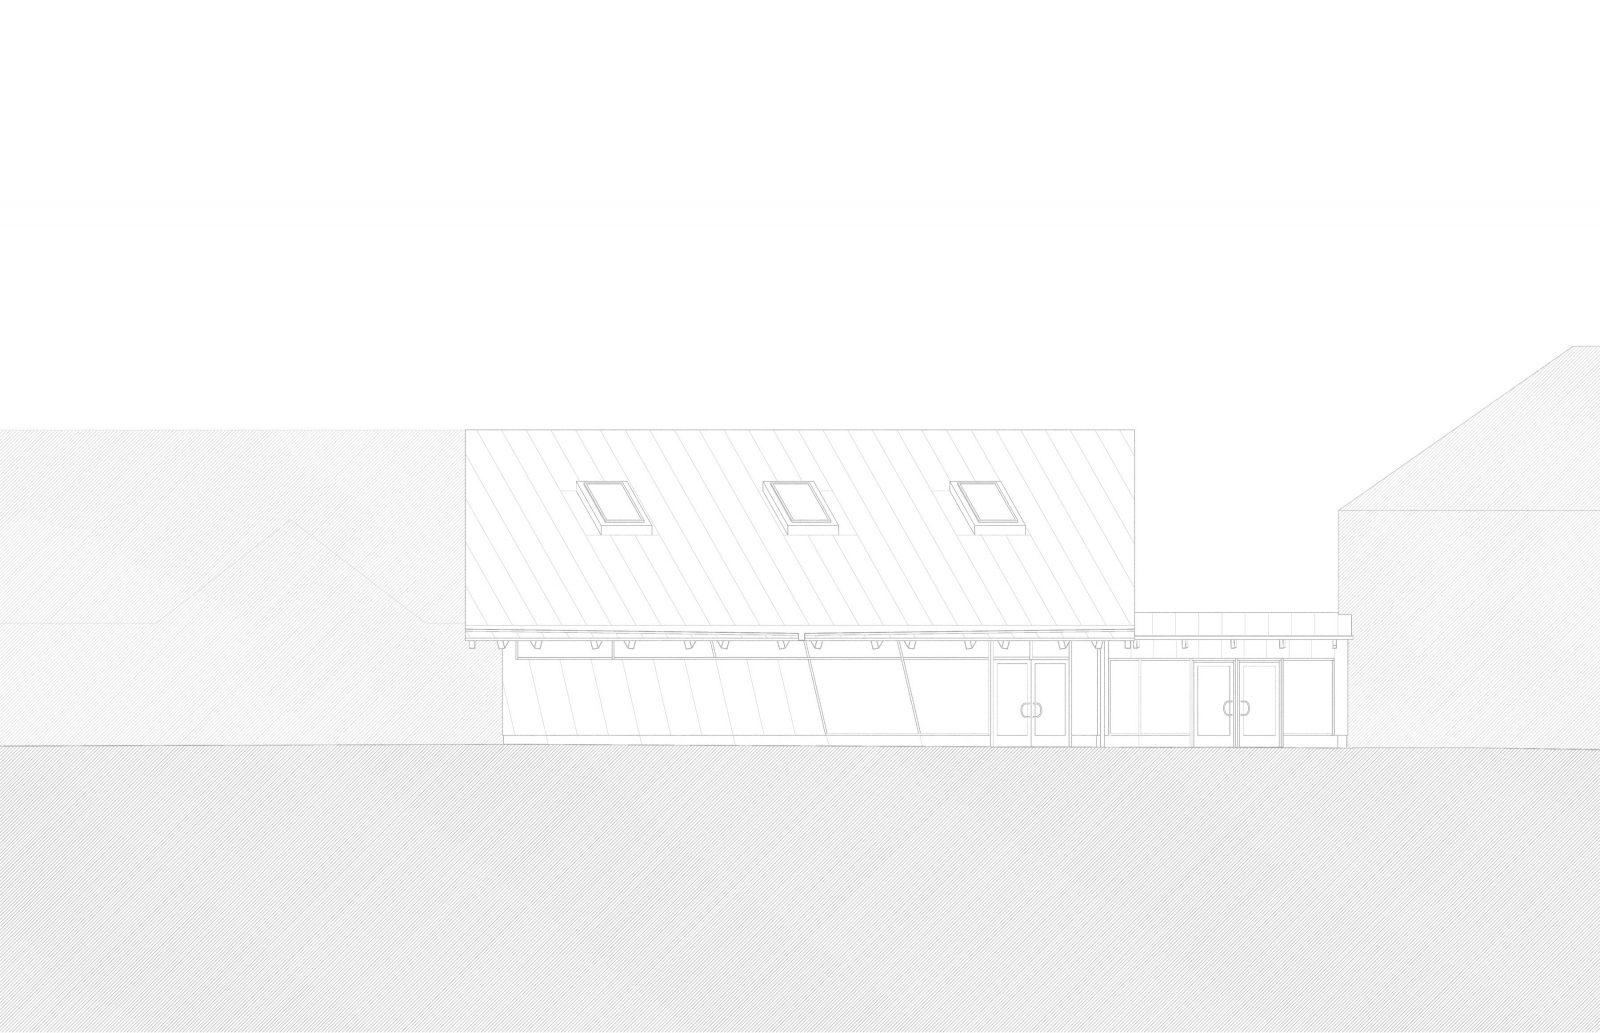 KjellanderSjöberg Restaurang-Magnolia facadefront 3600x2324px